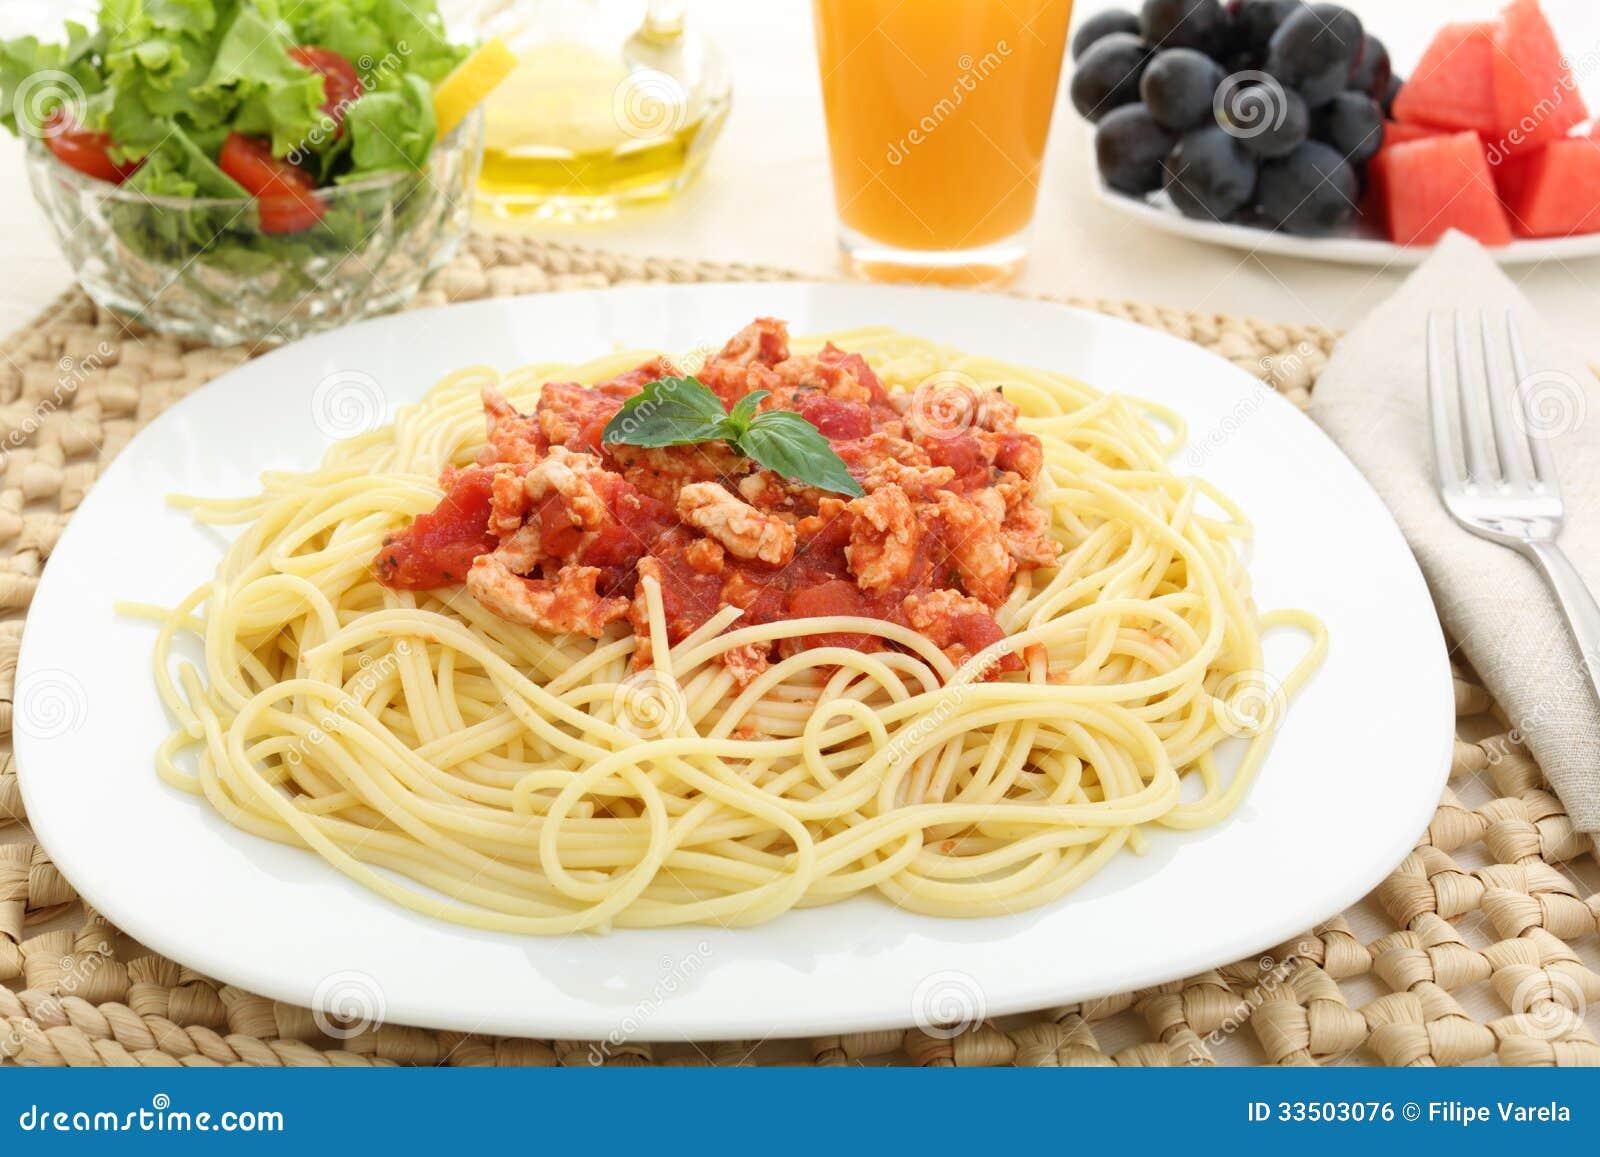 suivez un r gime les spaghetti bolonais avec de la viande blanche et le fruit image libre de. Black Bedroom Furniture Sets. Home Design Ideas